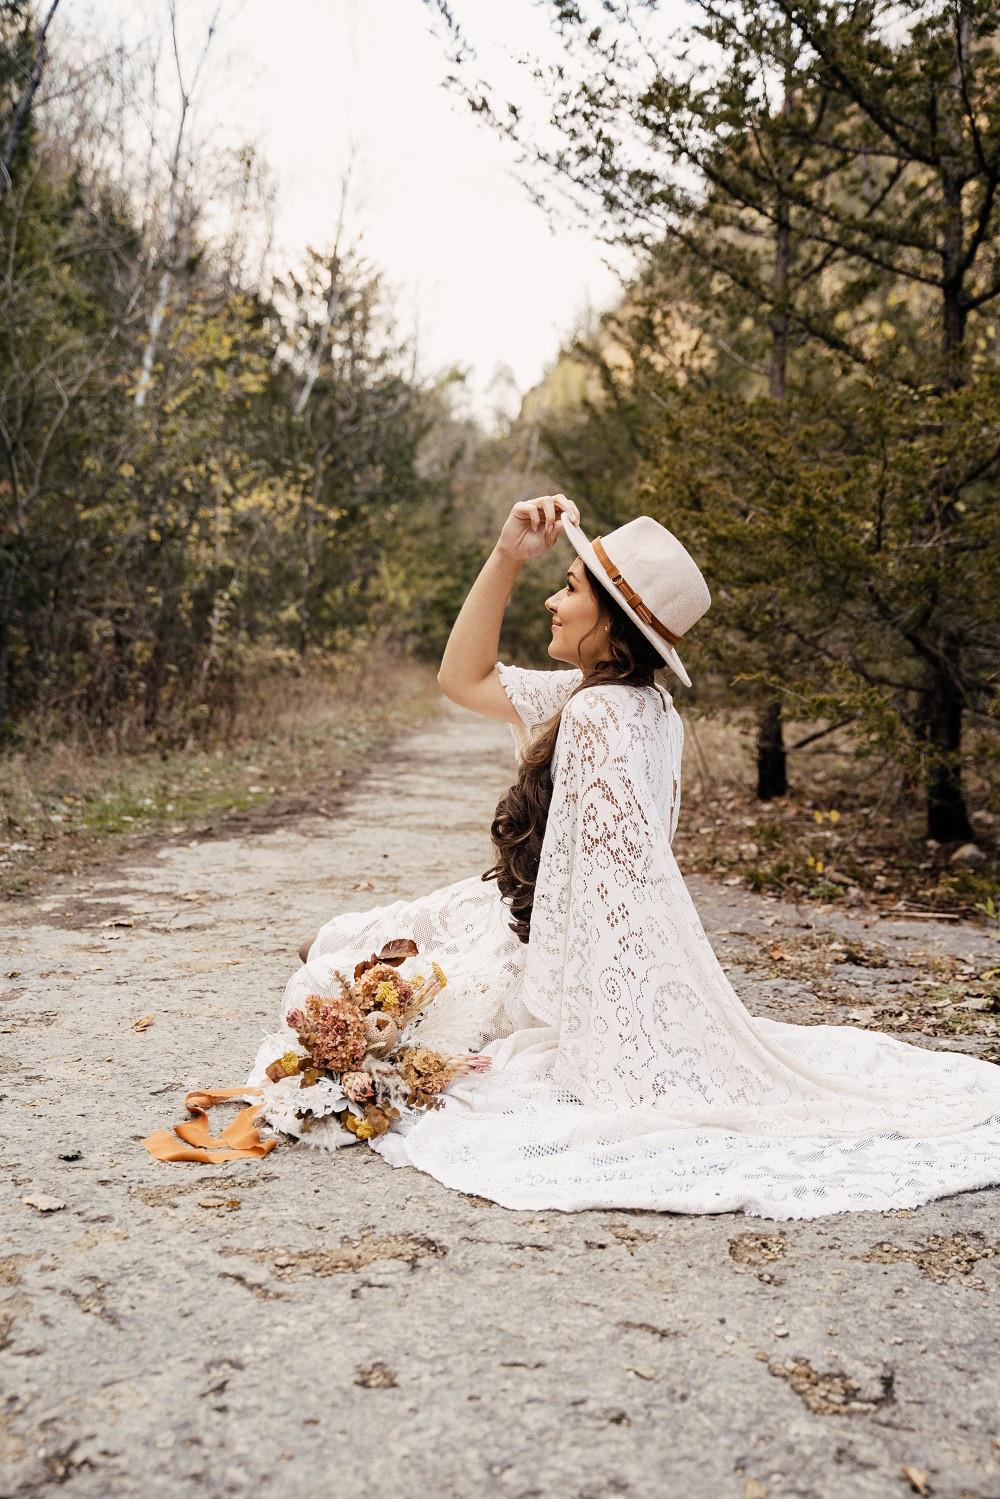 Studio Bloom floral boho bride at Mines of Spain